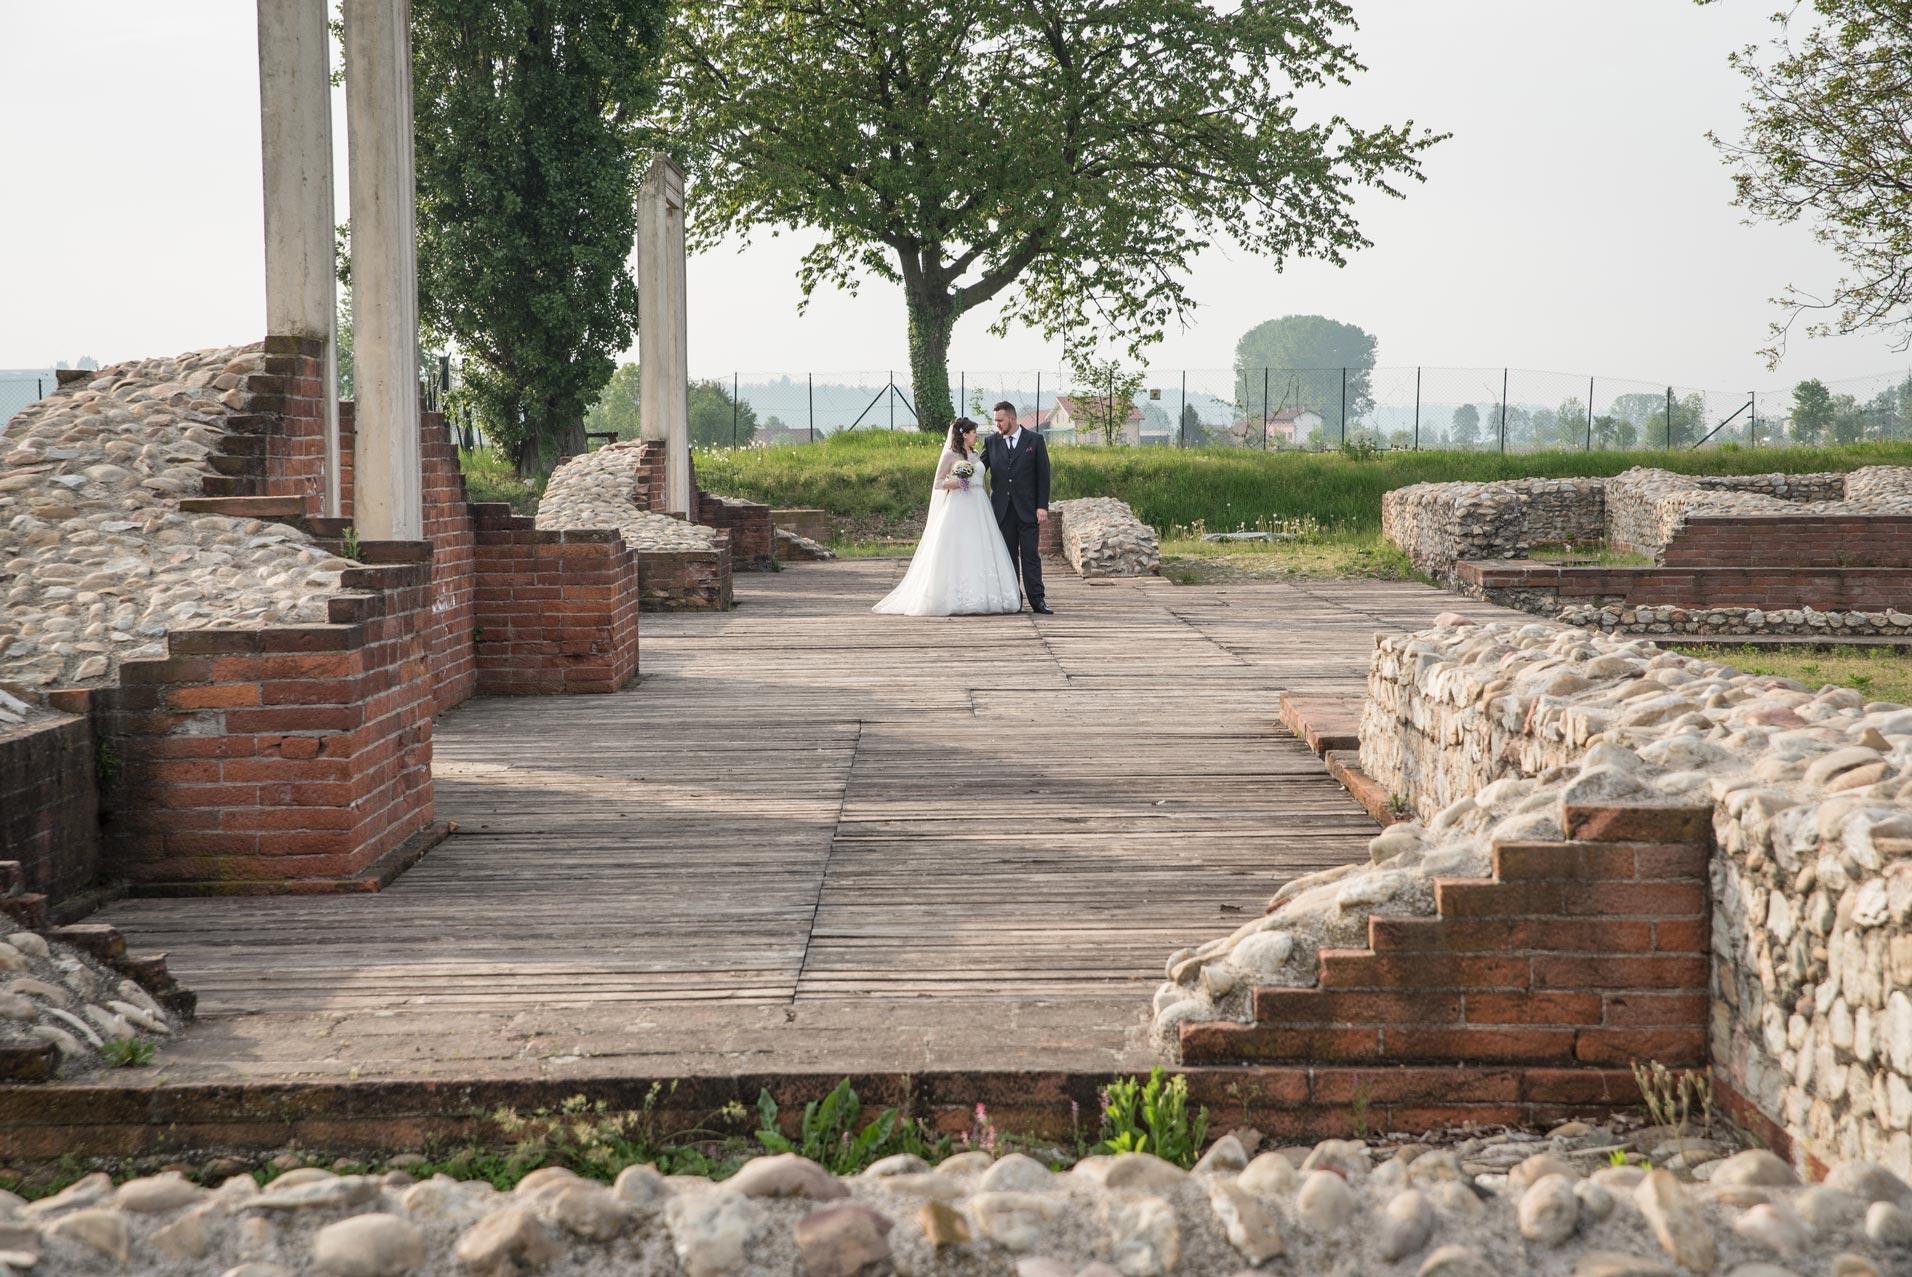 Matrimonio a Narzole Lorenza Diego - DSC 3236 - Fotografo matrimonio Narzole - Fotografo matrimonio Narzole foto grandangolo